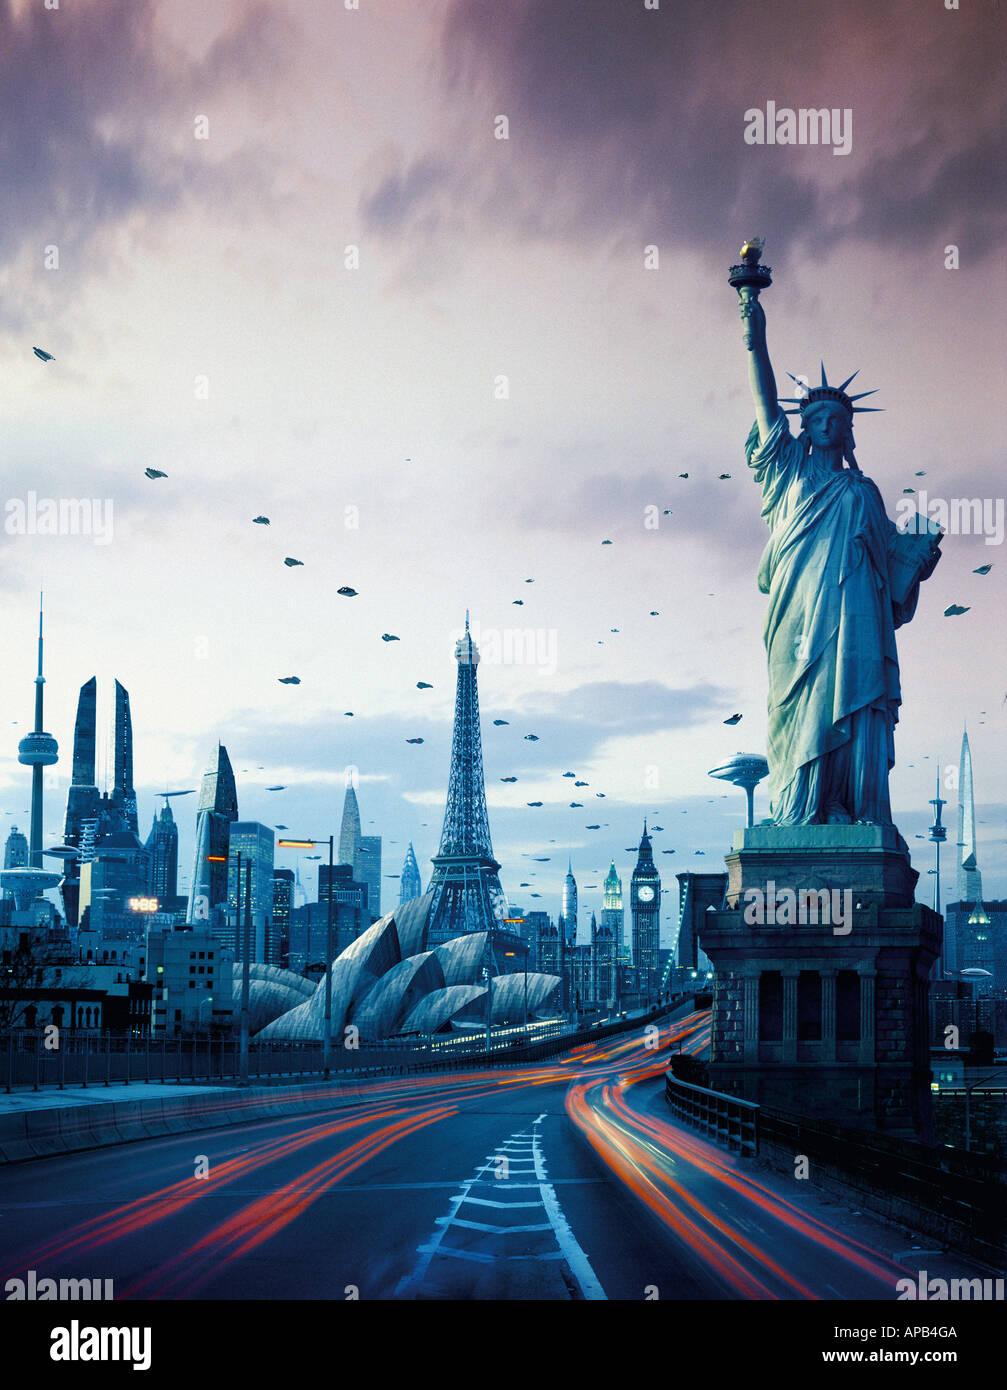 Une ville futuriste avec la Statue de la liberté, de la Tour Eiffel, Big Ben, l'Opéra de Sydney et de la Tour CN Photo Stock